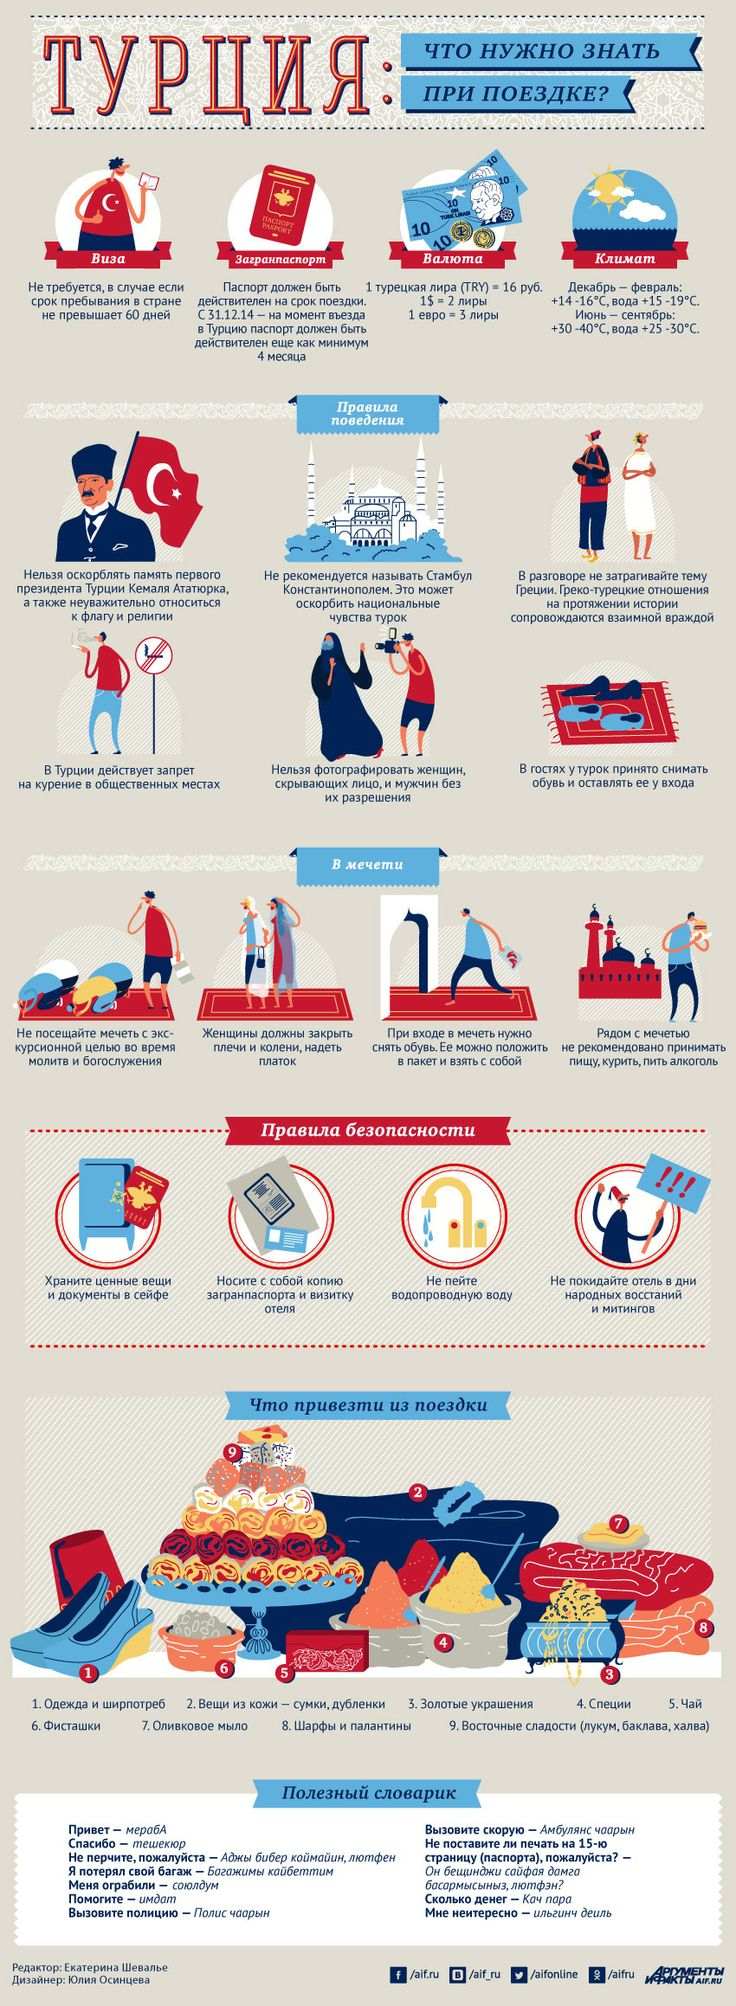 Что нужно знать при поездке в Турцию? Инфографика | Инфографика | Аргументы и Факты